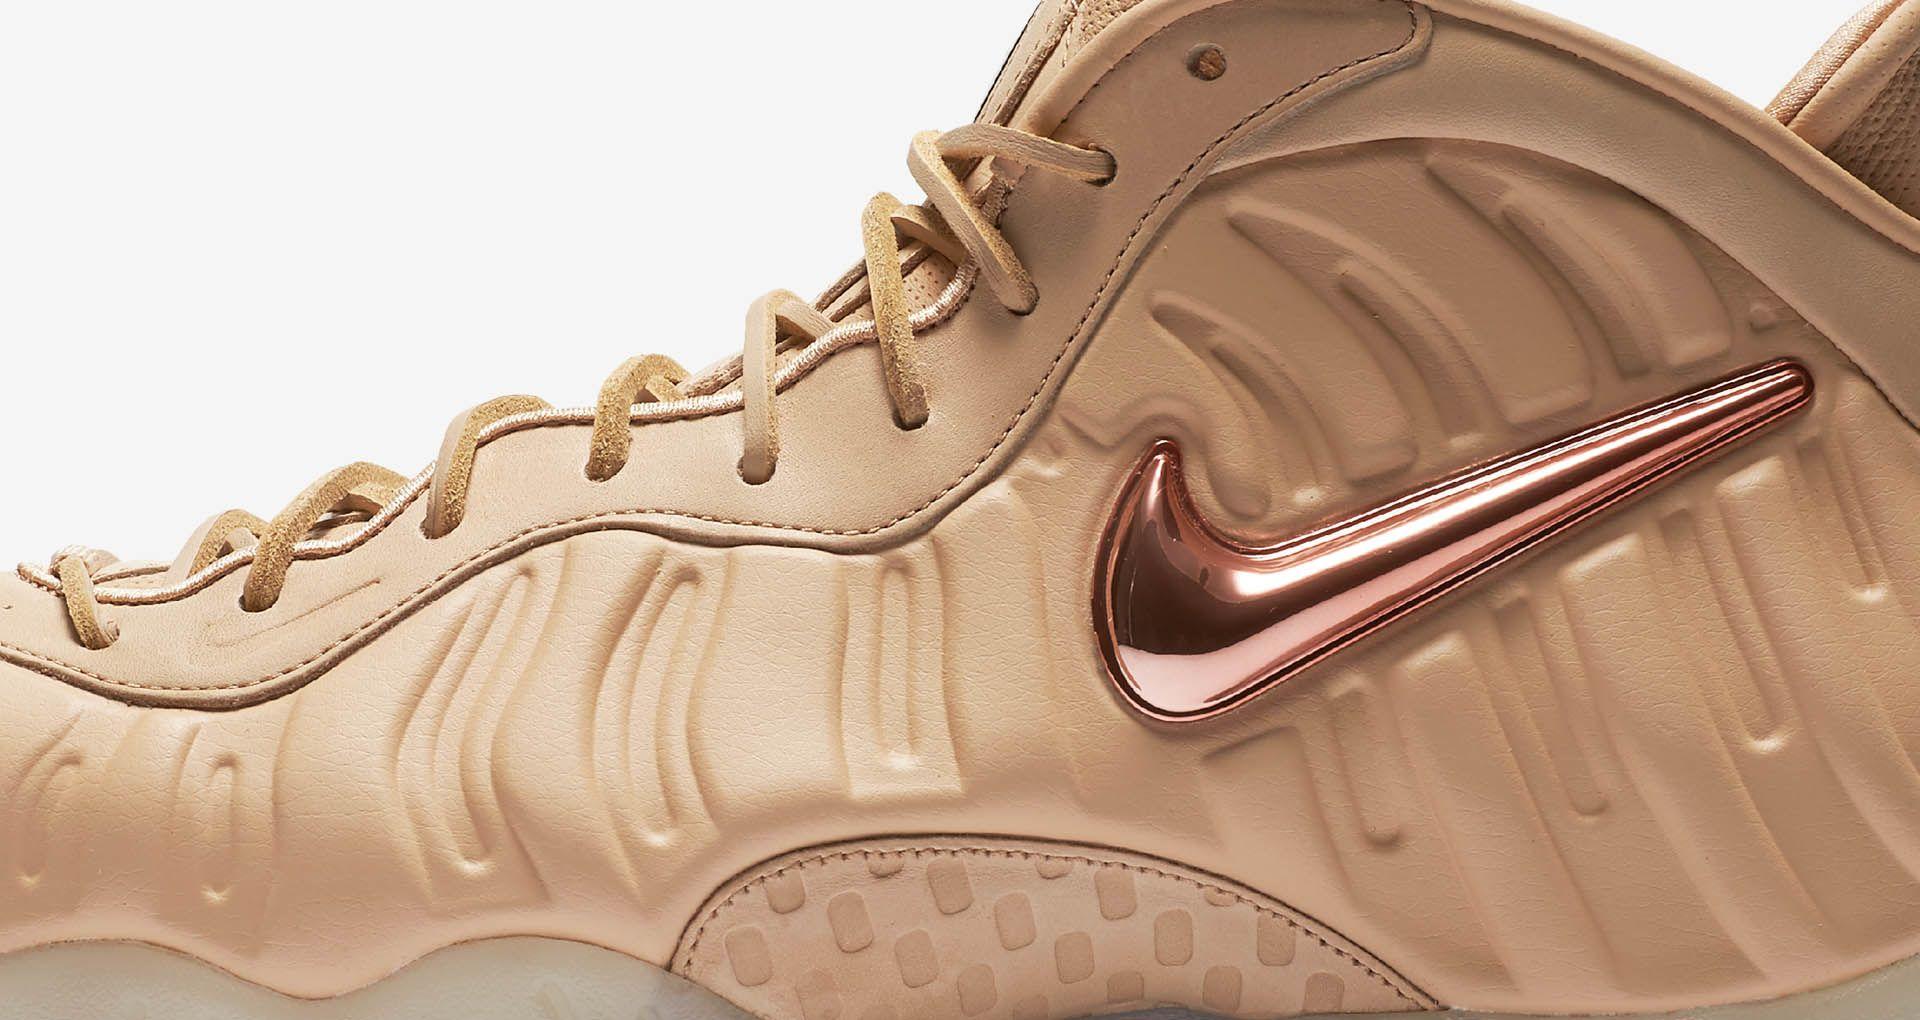 new arrival e6512 51023 Nike Air Foamposite Pro 'Vachetta Tan & Rose Gold'. Nike+ SNKRS